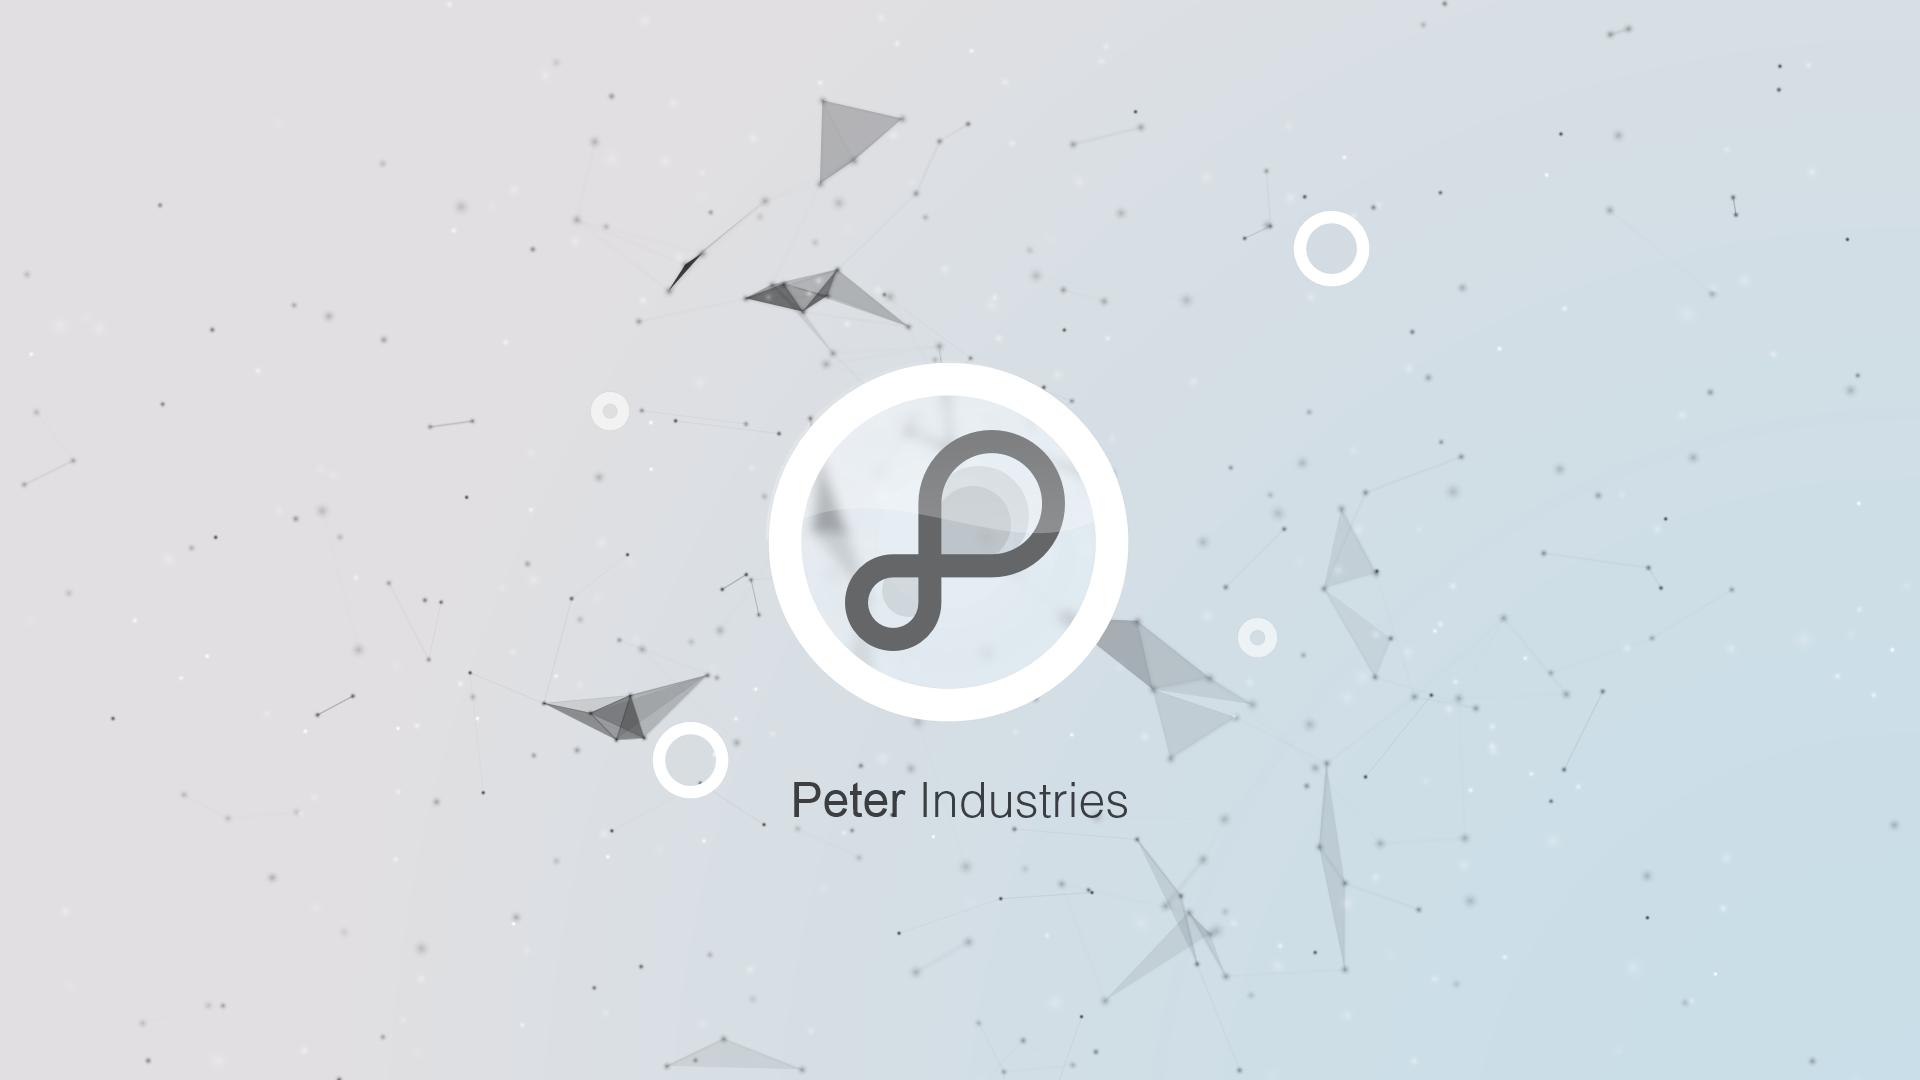 peter industries